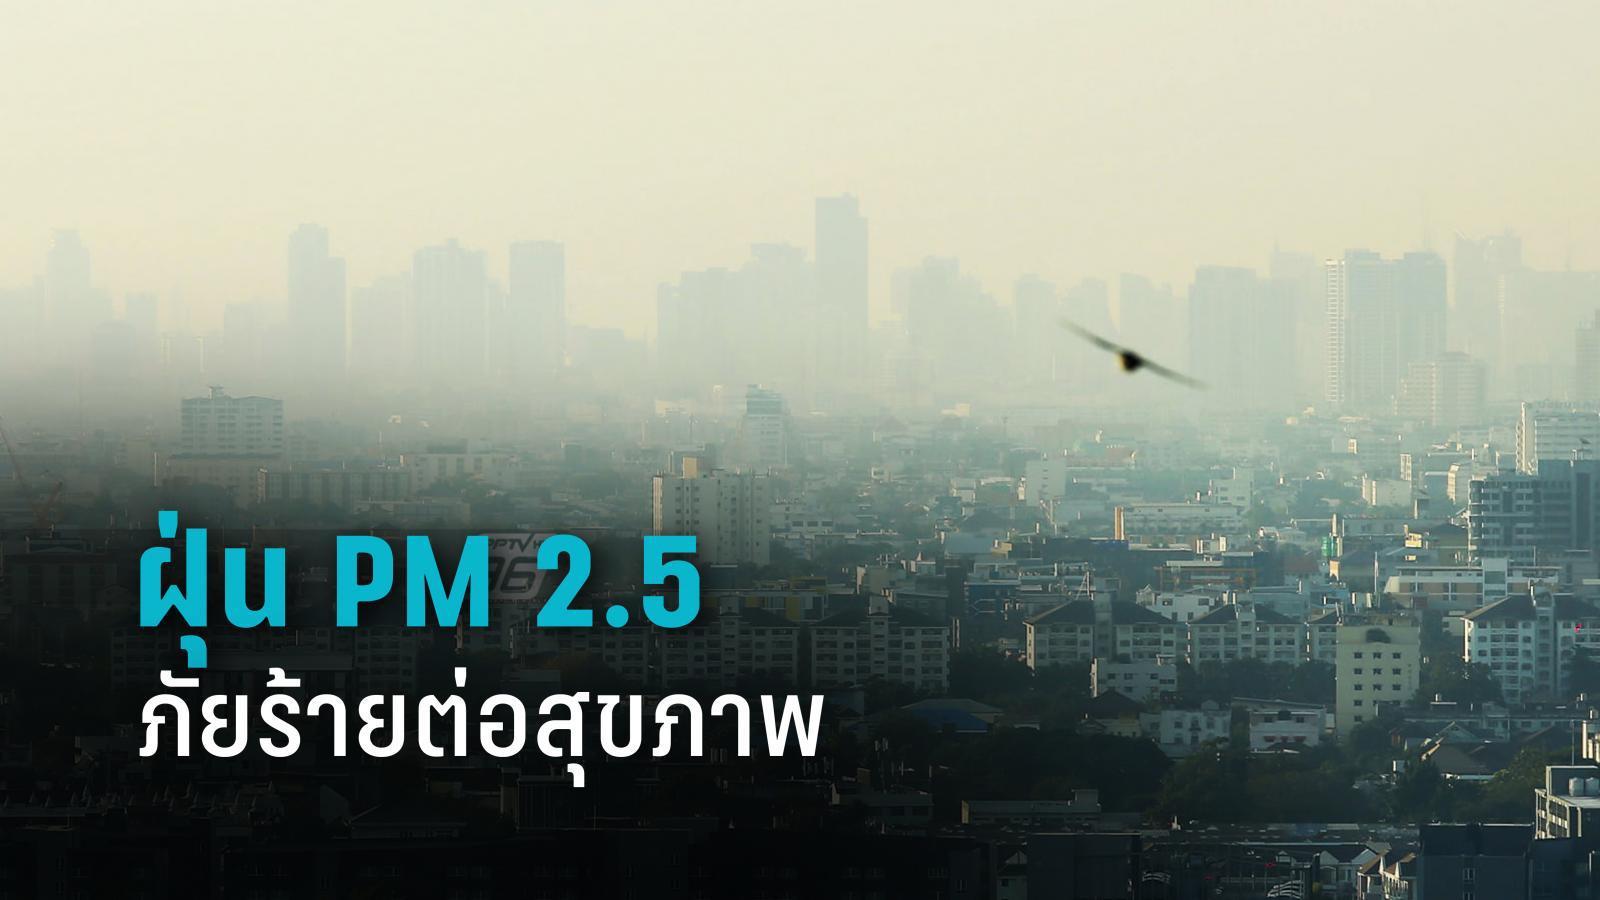 กรมการแพทย์ เตือนฝุ่น PM 2.5 ภัยร้ายต่อสุขภาพ